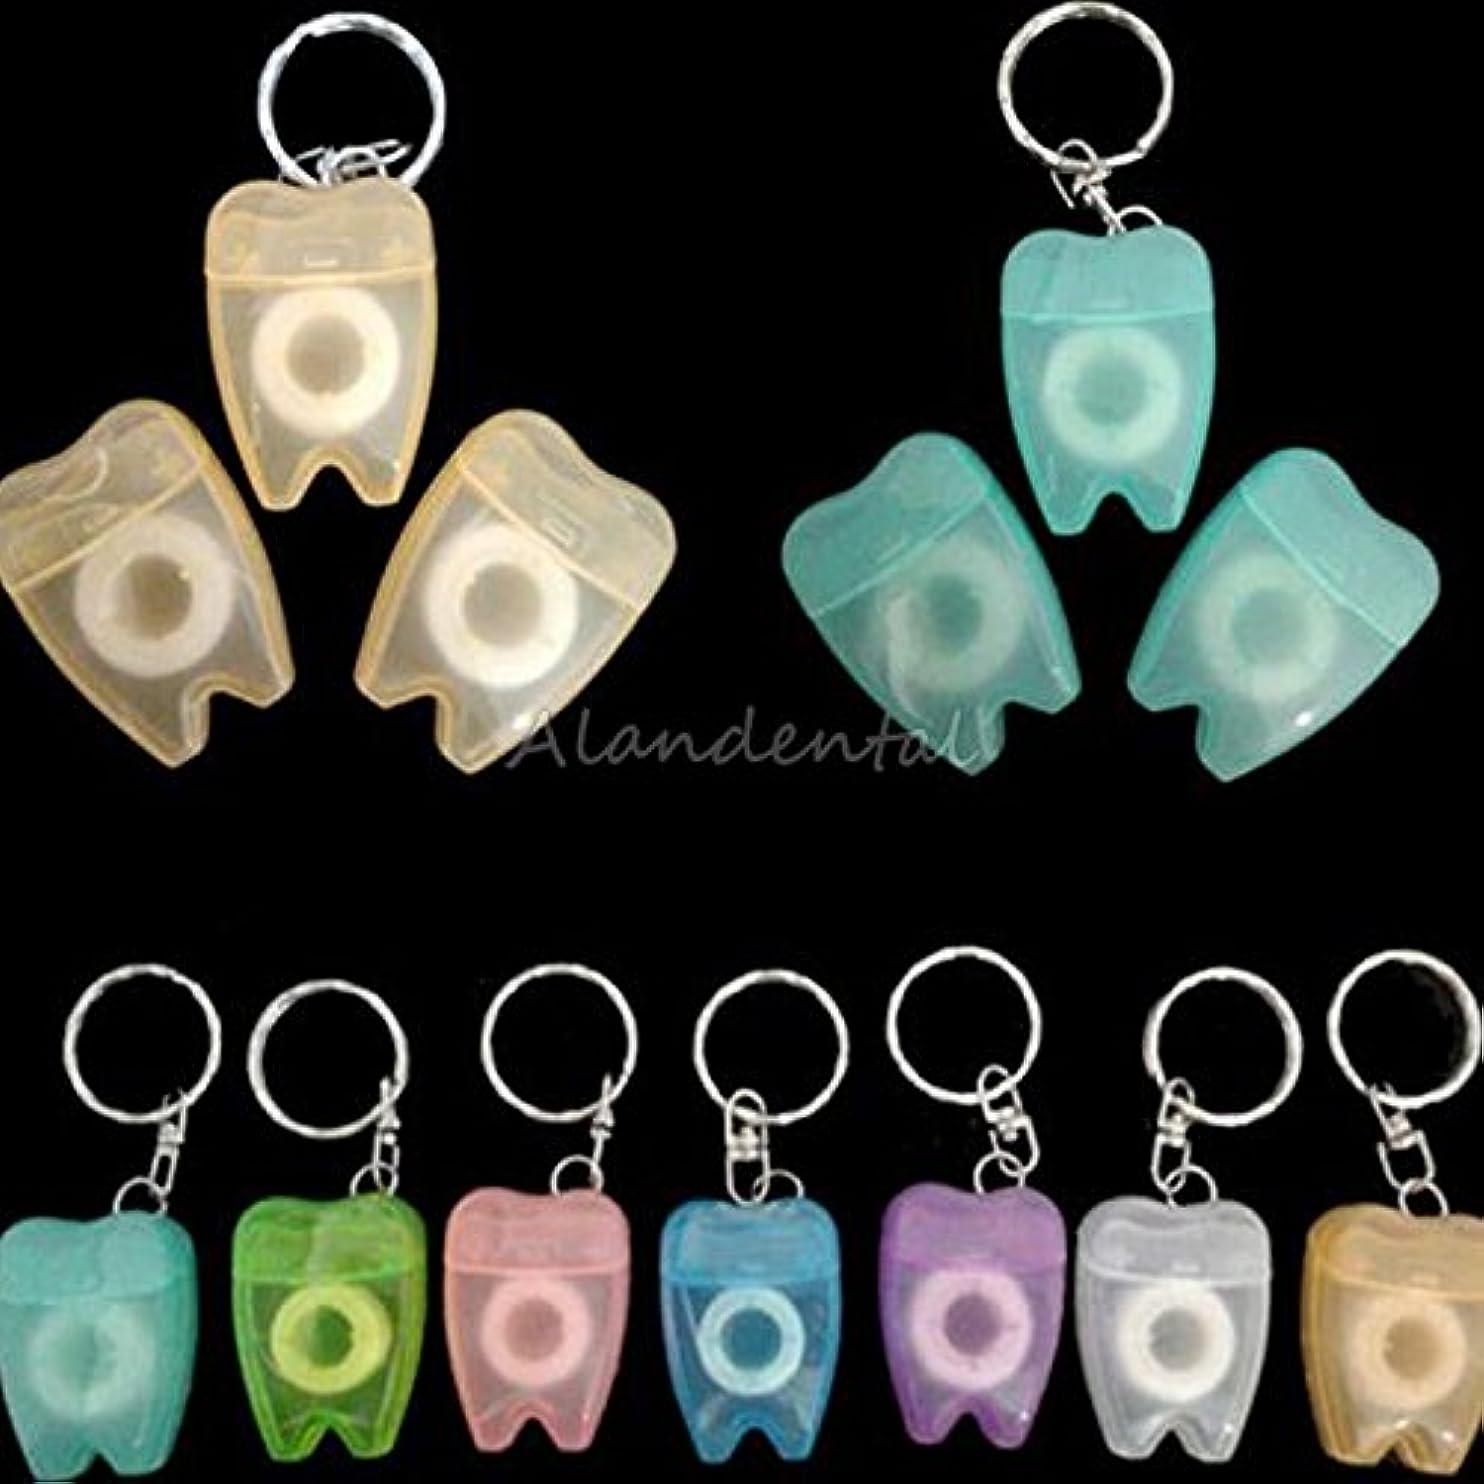 同意する枯渇するサスティーンALAN 10個歯科糸ようじミニ口腔健康デンタルフロスキーホルダー歯科クリニック贈り物 プレゼント 15メートル